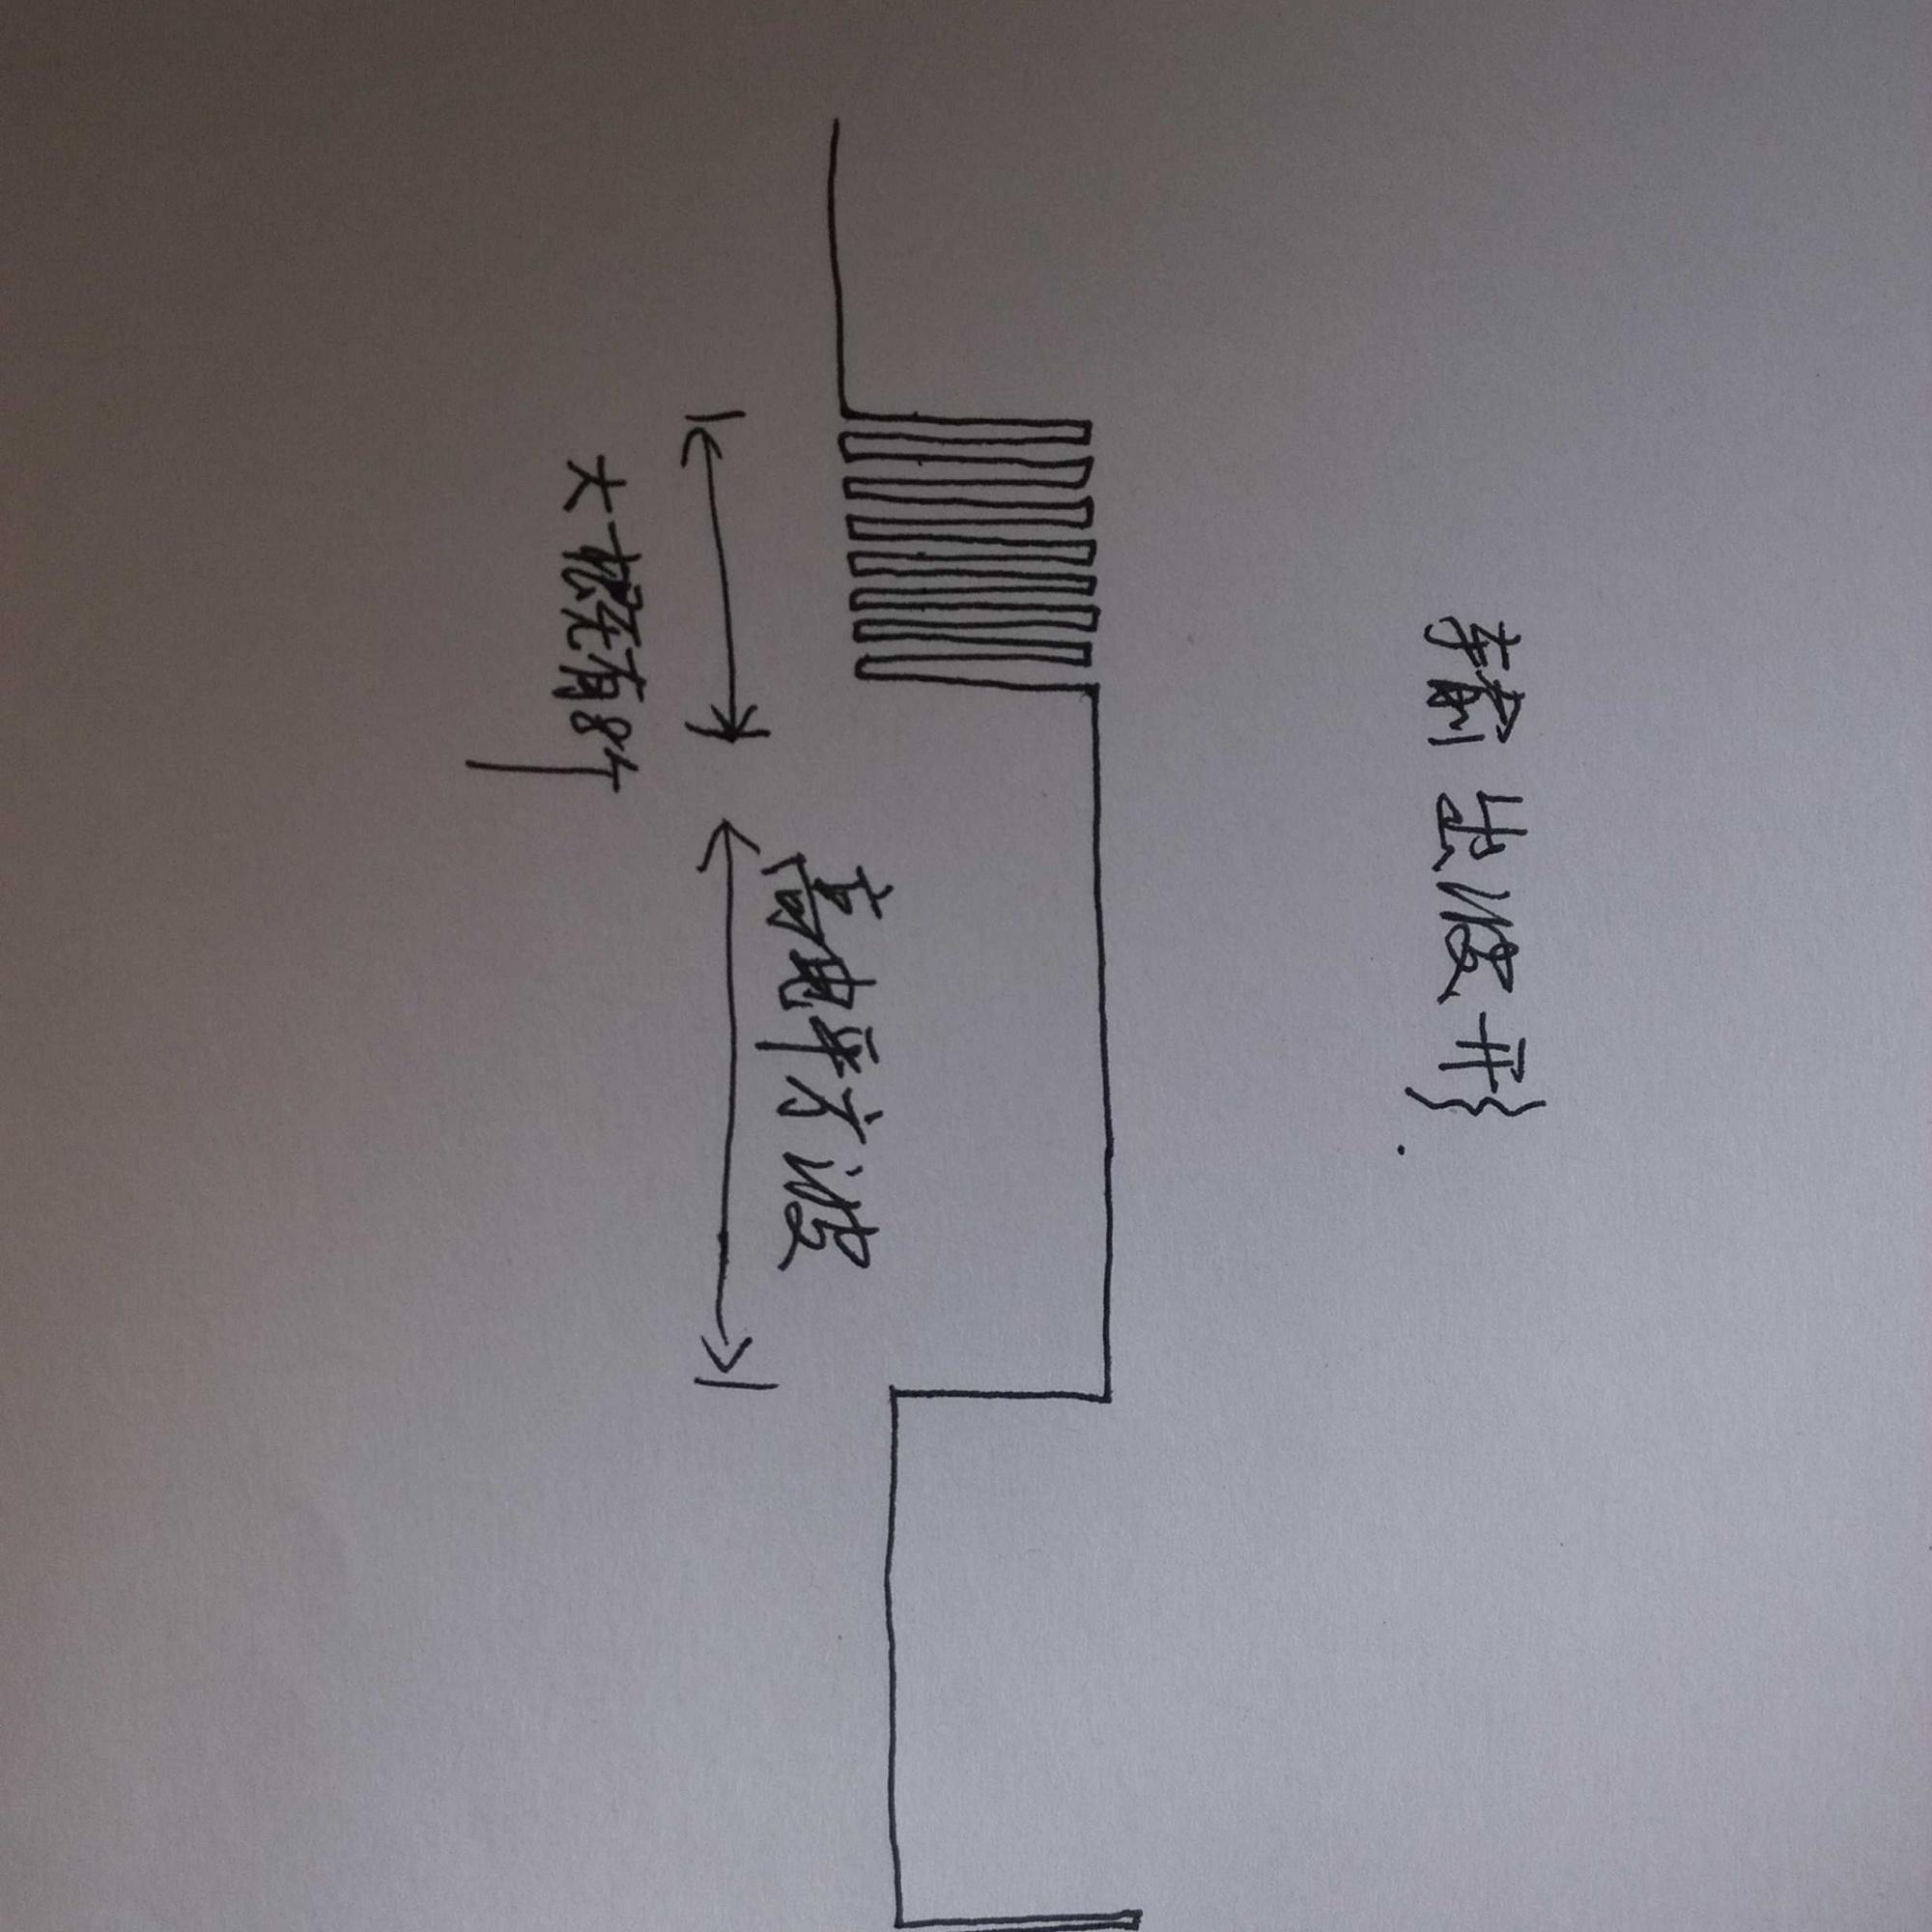 下图是我画的tl494脉宽调制电路图(我输出的波形不知道为啥就是有